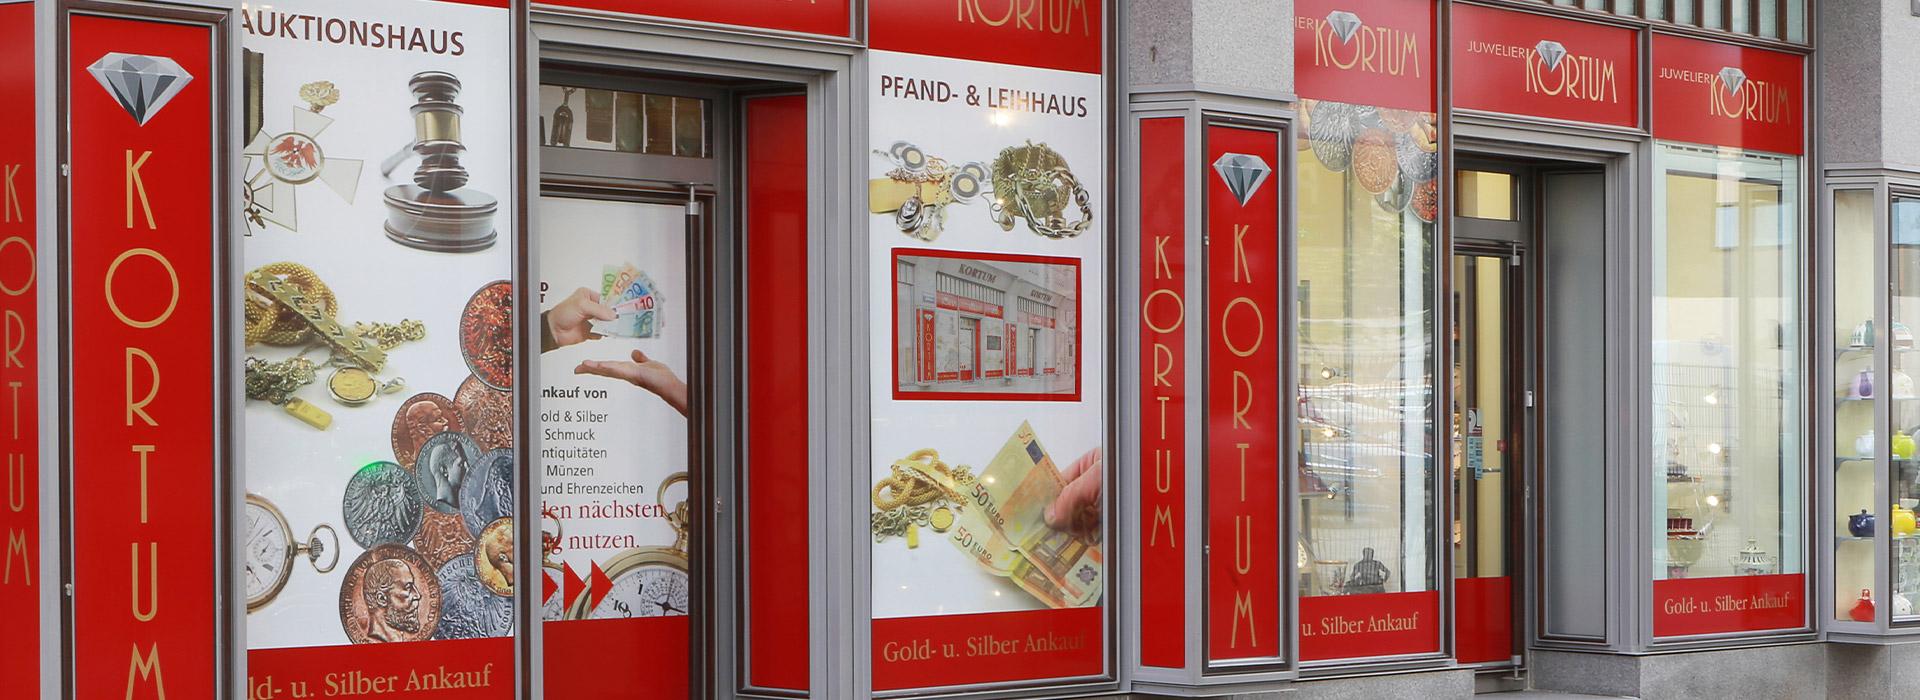 Juwelier Kortum Diamanten Leipzig 4